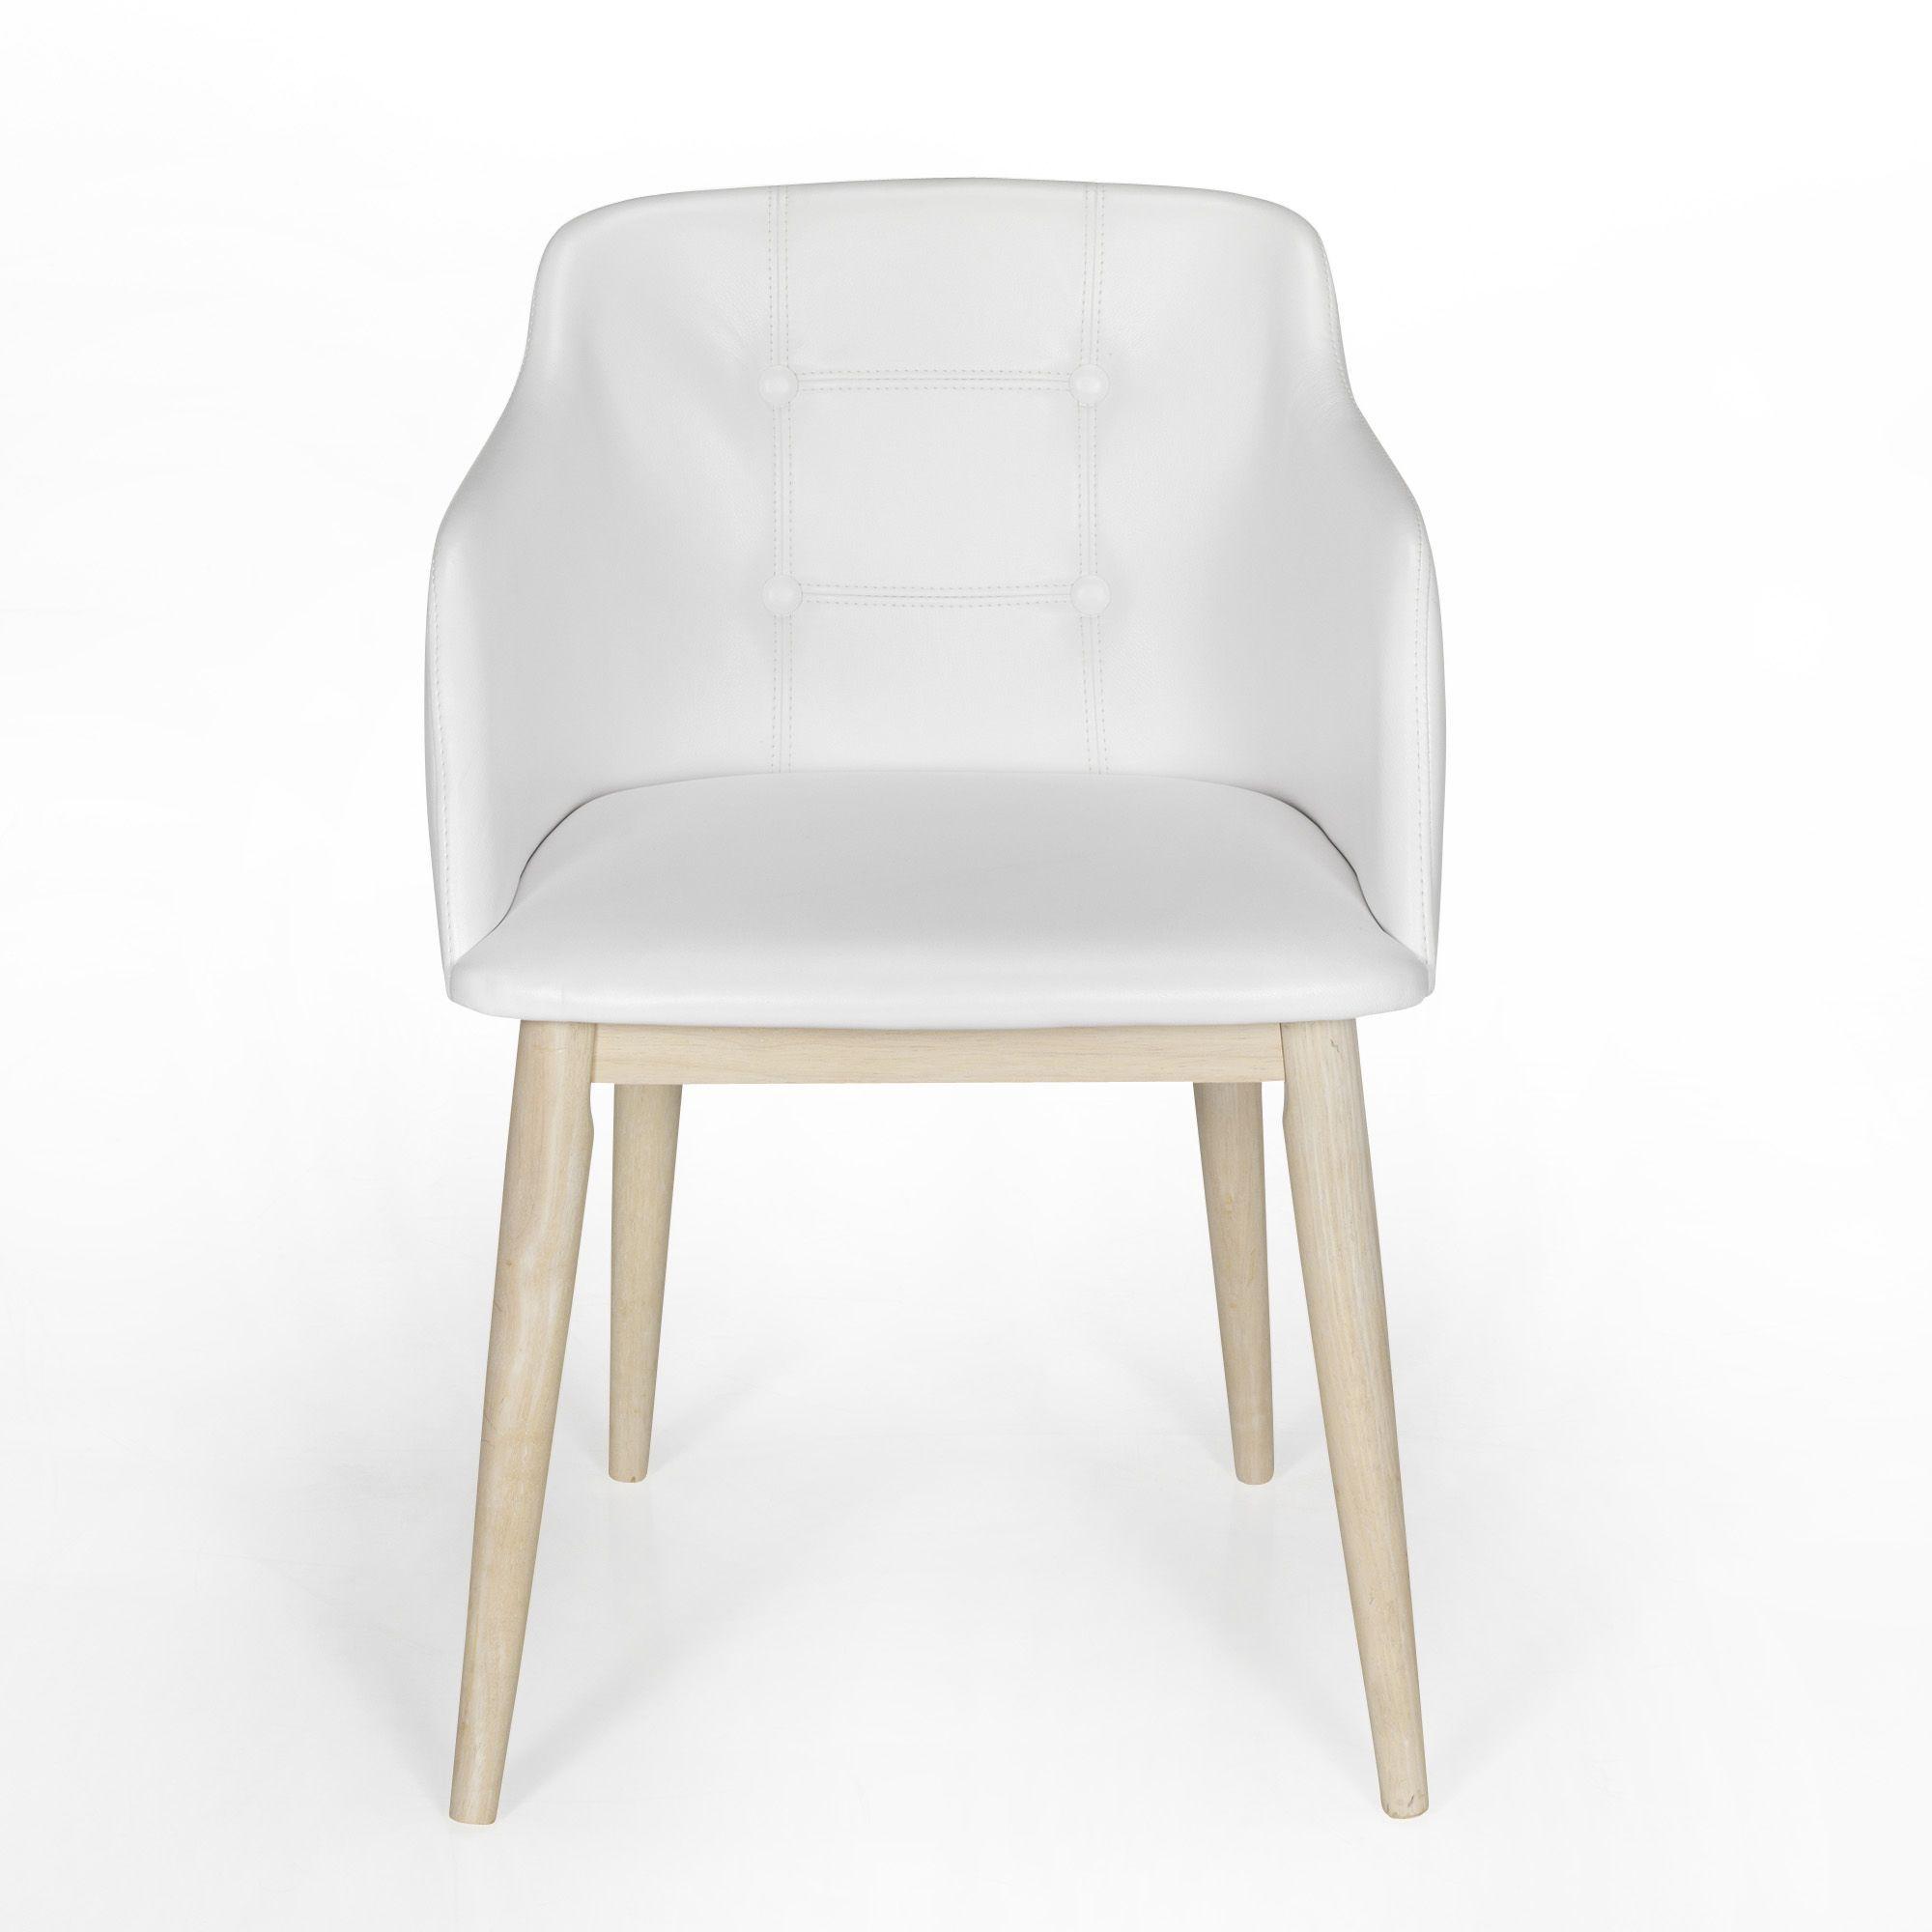 Chaises Alinea Salle A Manger chaise de séjour capitonnée blanche blanc - cork - chaises